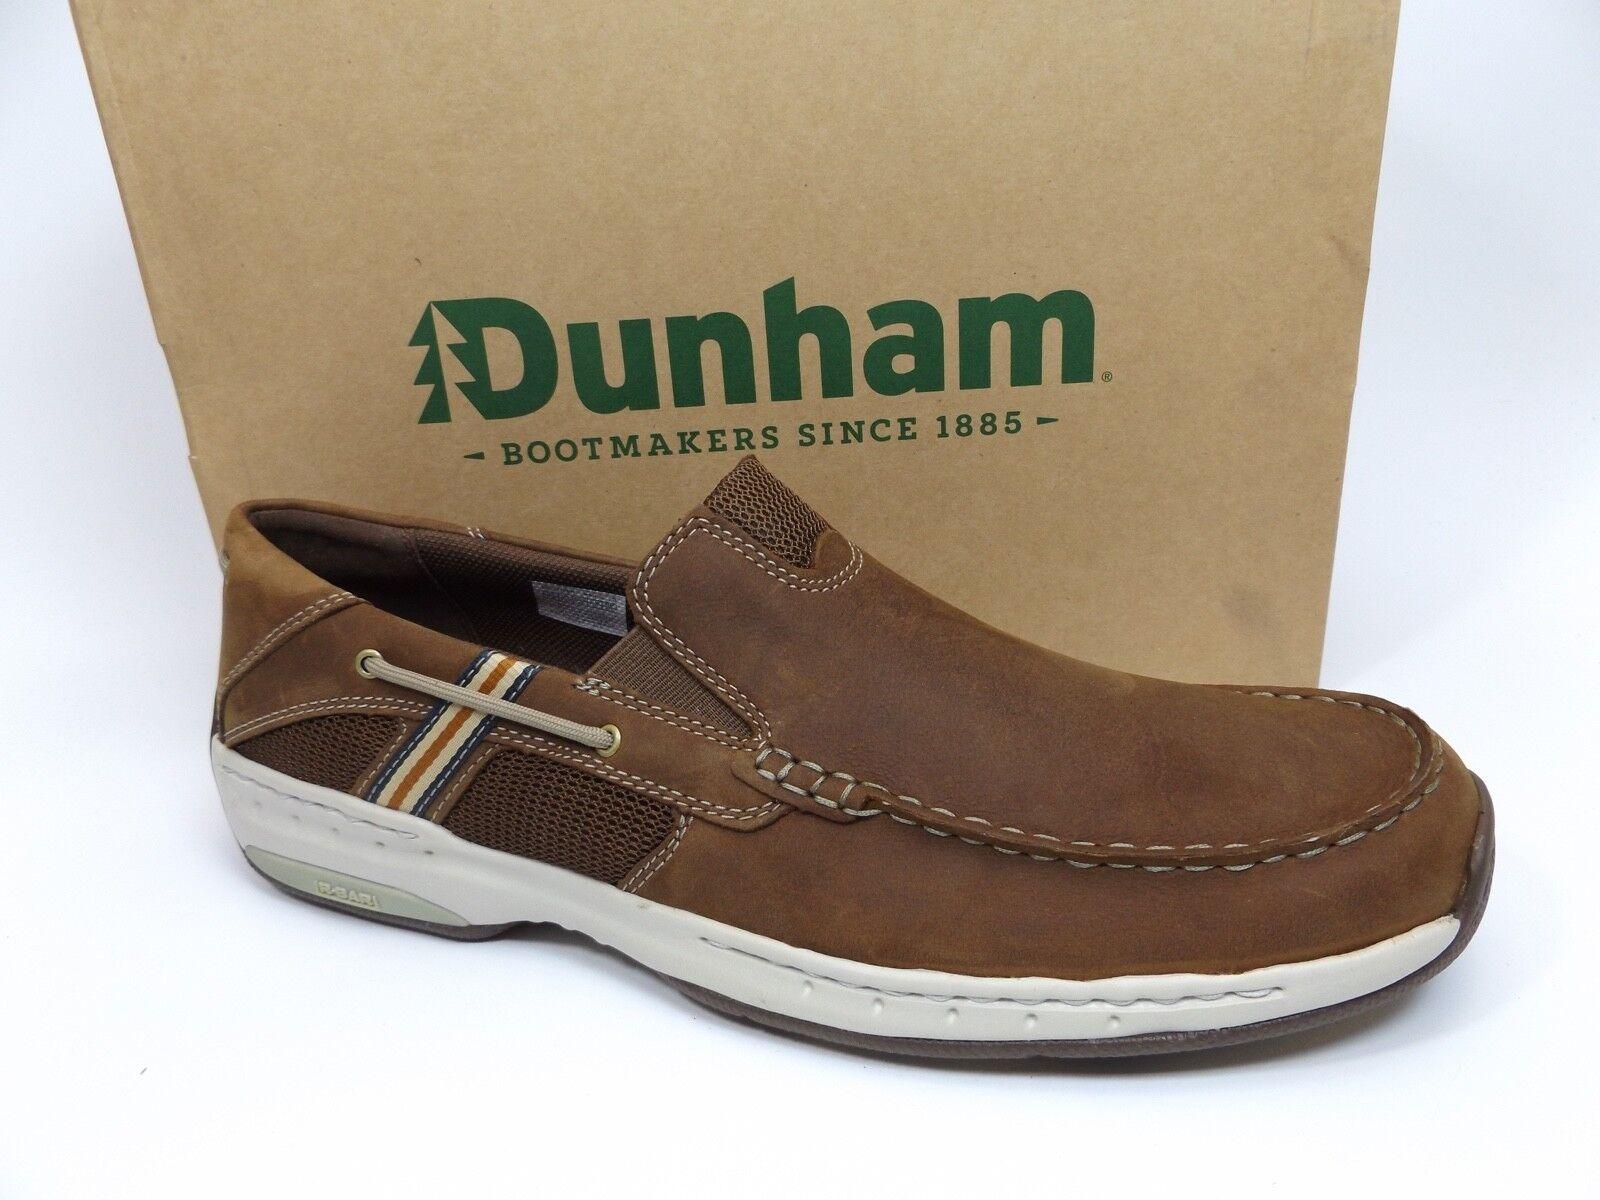 834963c6c868 Dunham Men s Windward Brown Full Grain Leather SZ 14.0 BM PRE OWNED ONCE